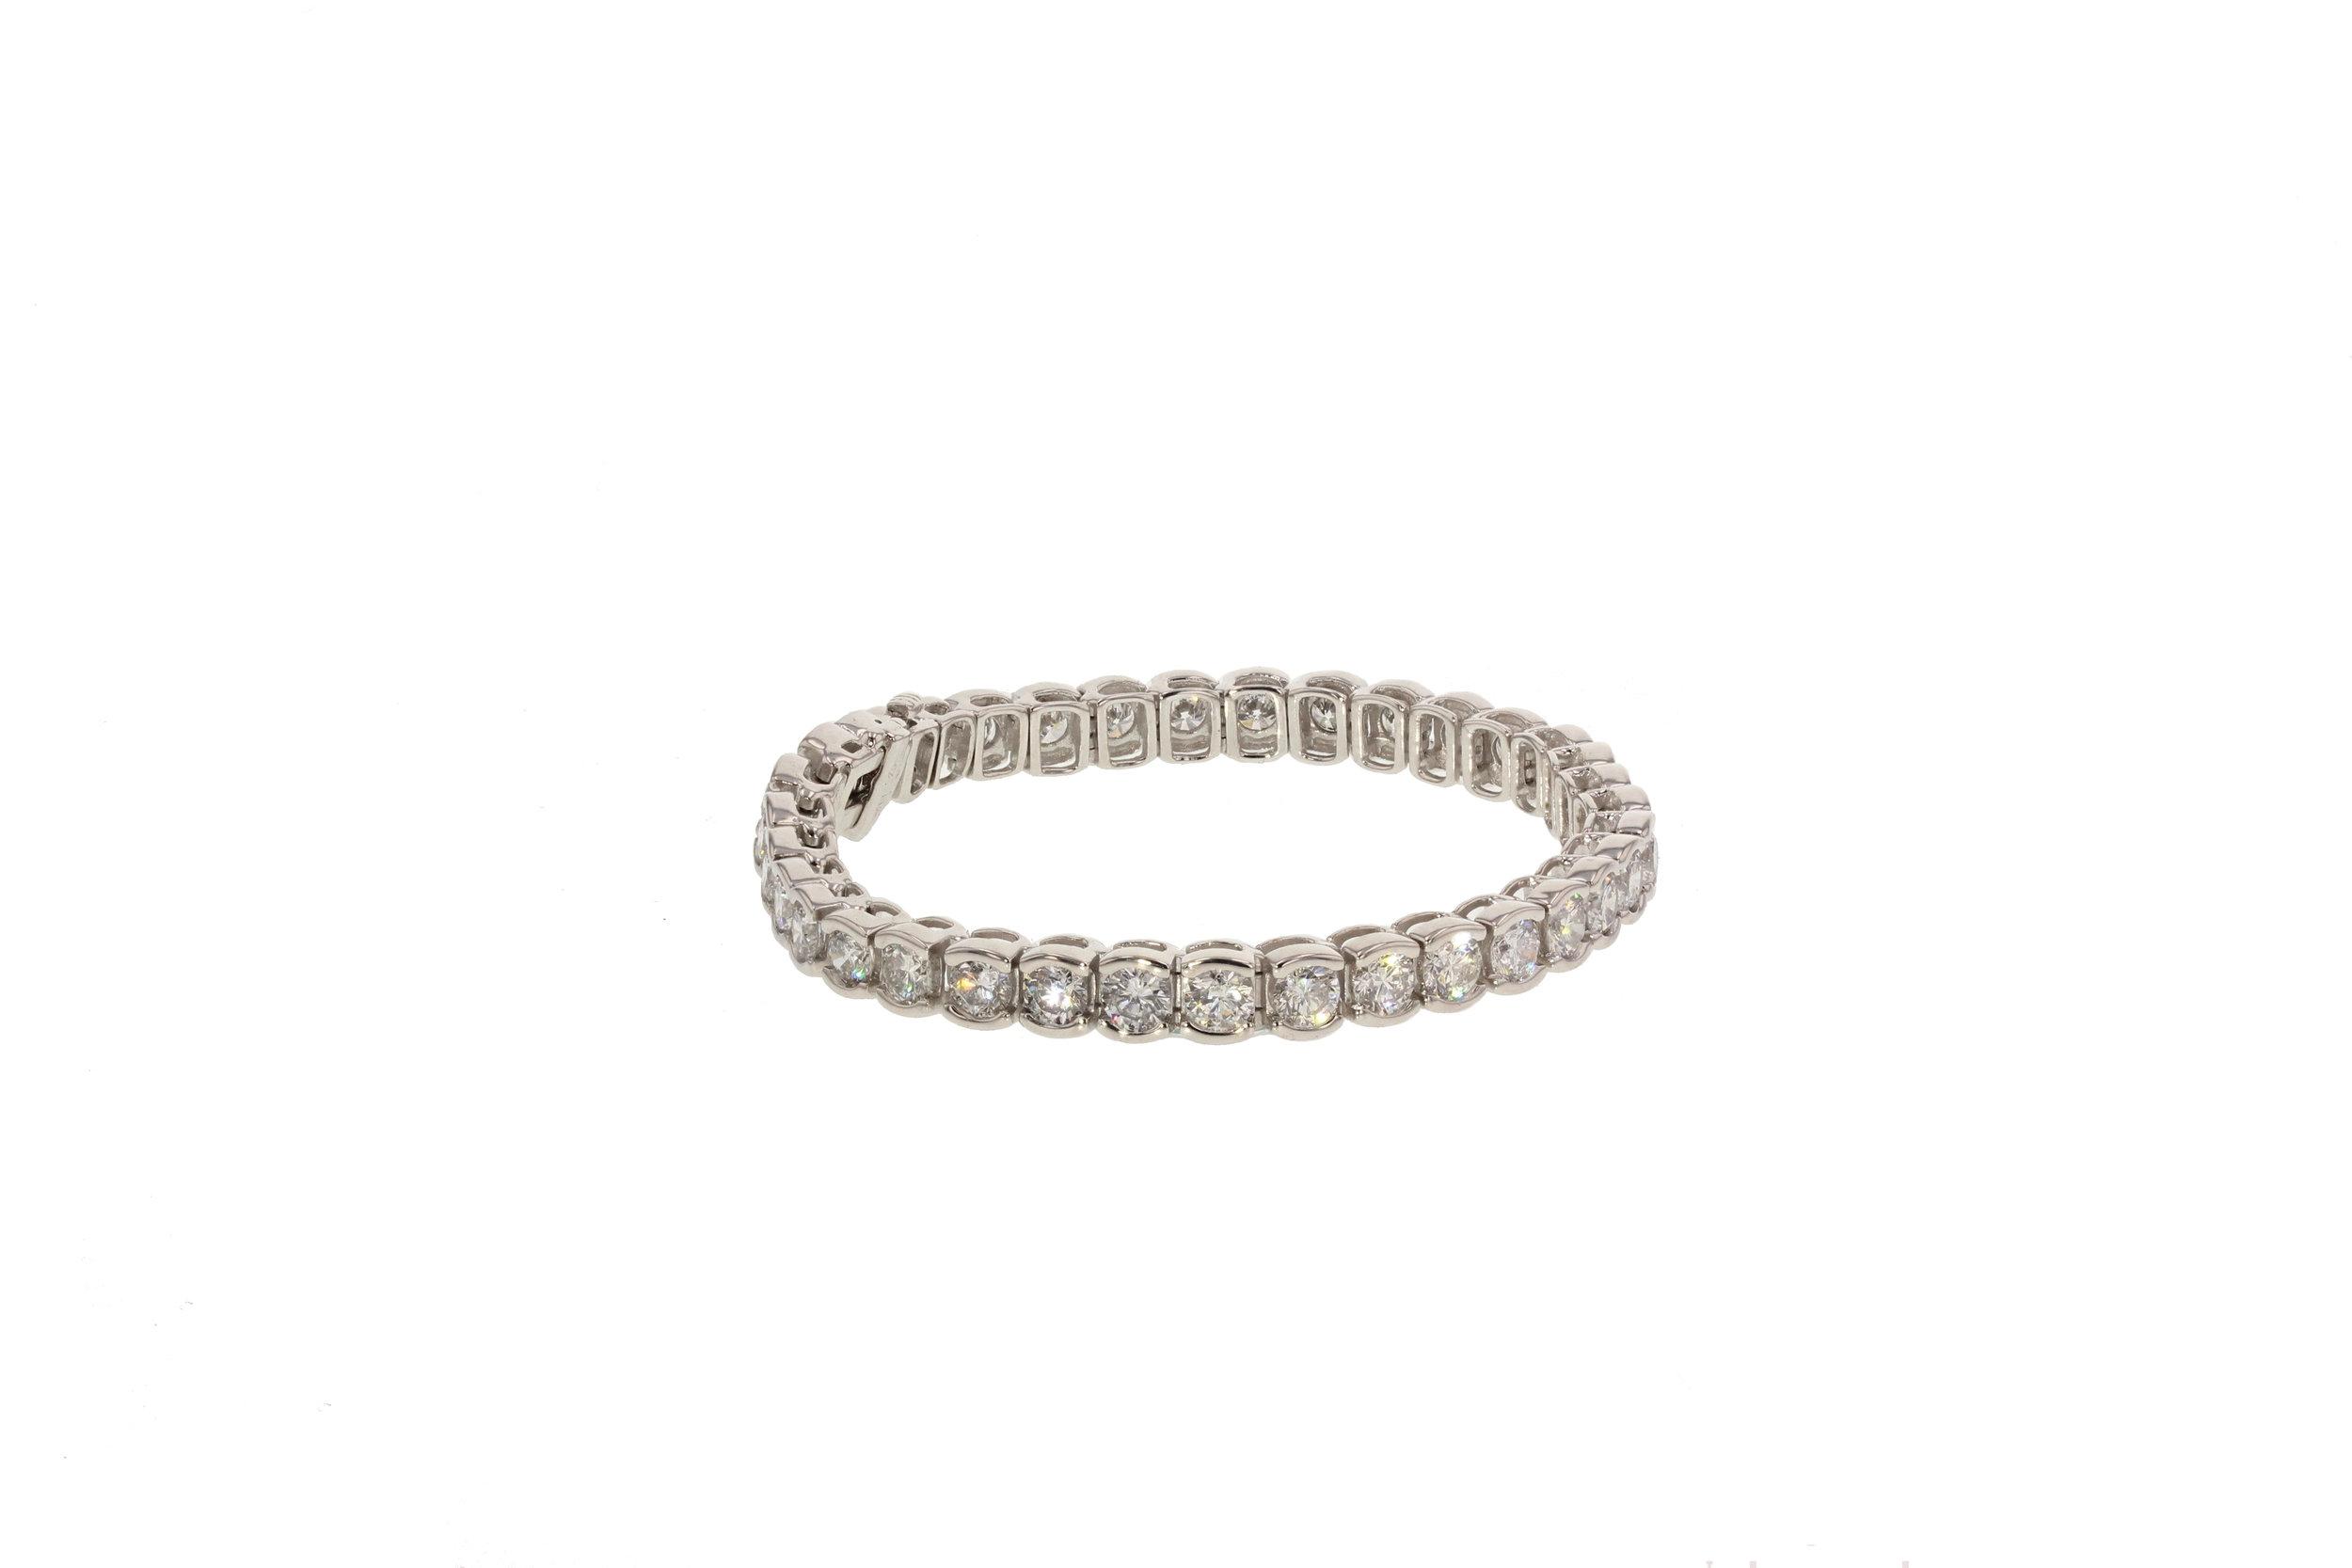 18KT White Gold Bezel Set Diamond Tennis Bracelet. 13 ctw. $45,000